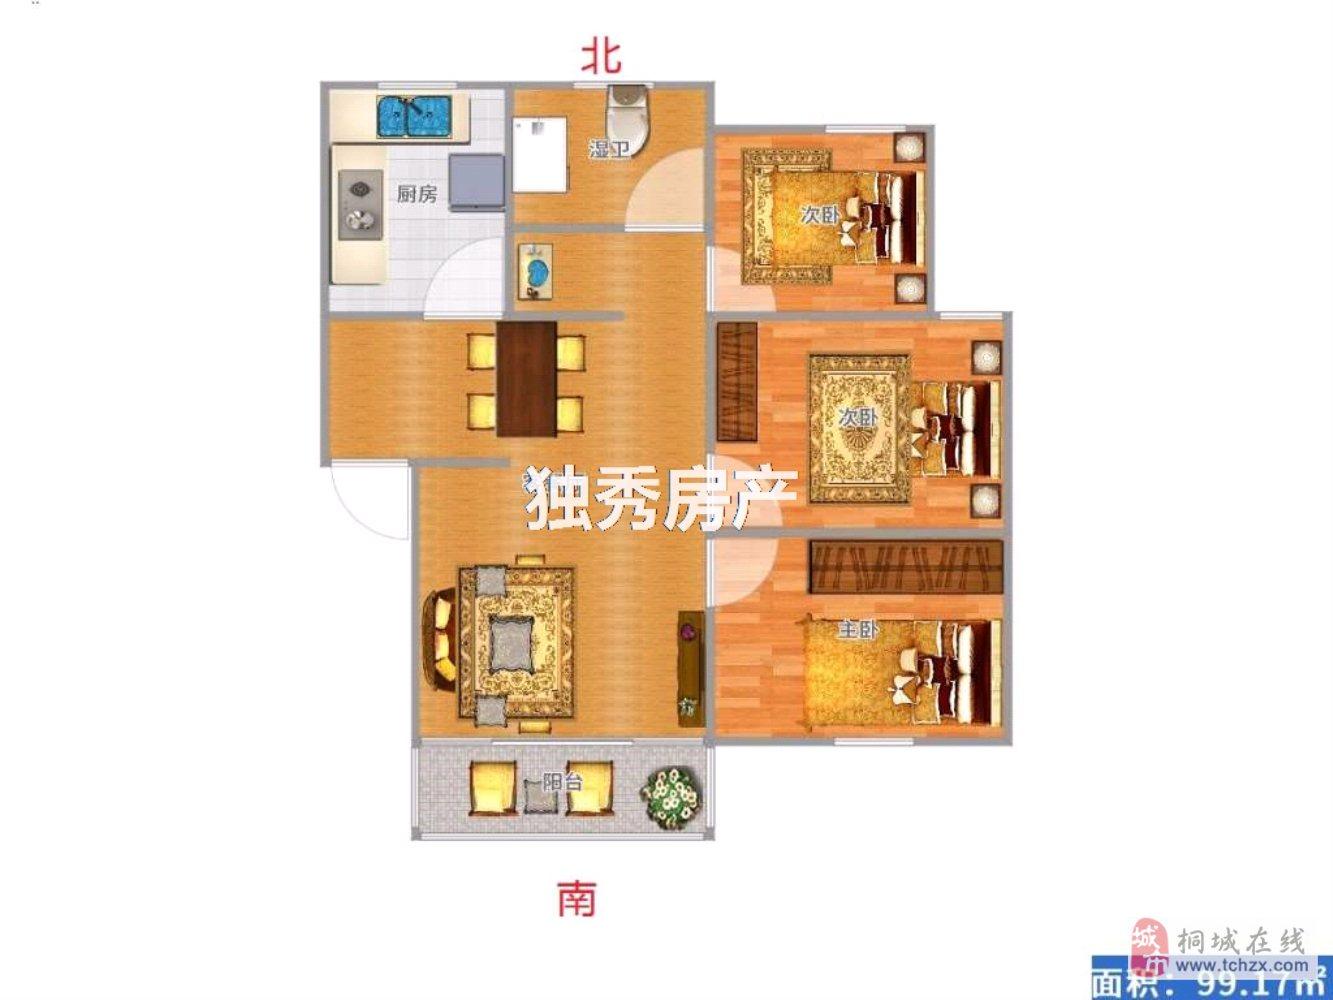 出售阳光花园精装房3室52万元送储藏室